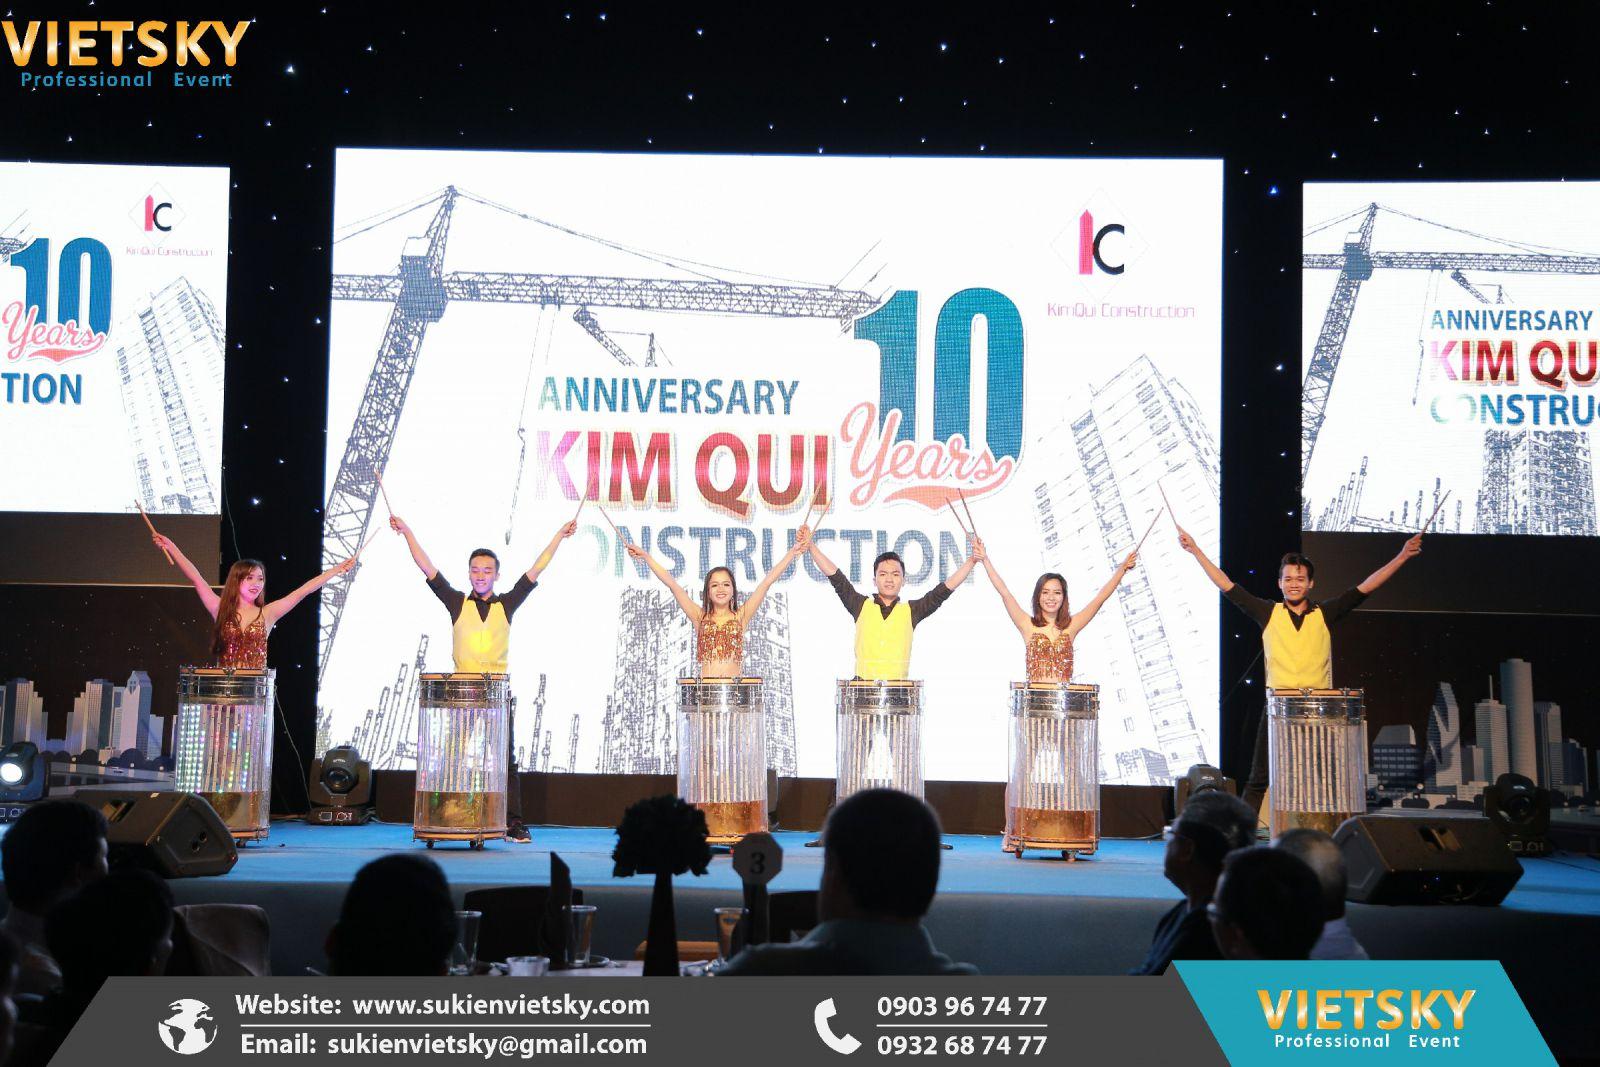 công ty tổ chức lễ kỷ niệm cho công ty tại đồng nai